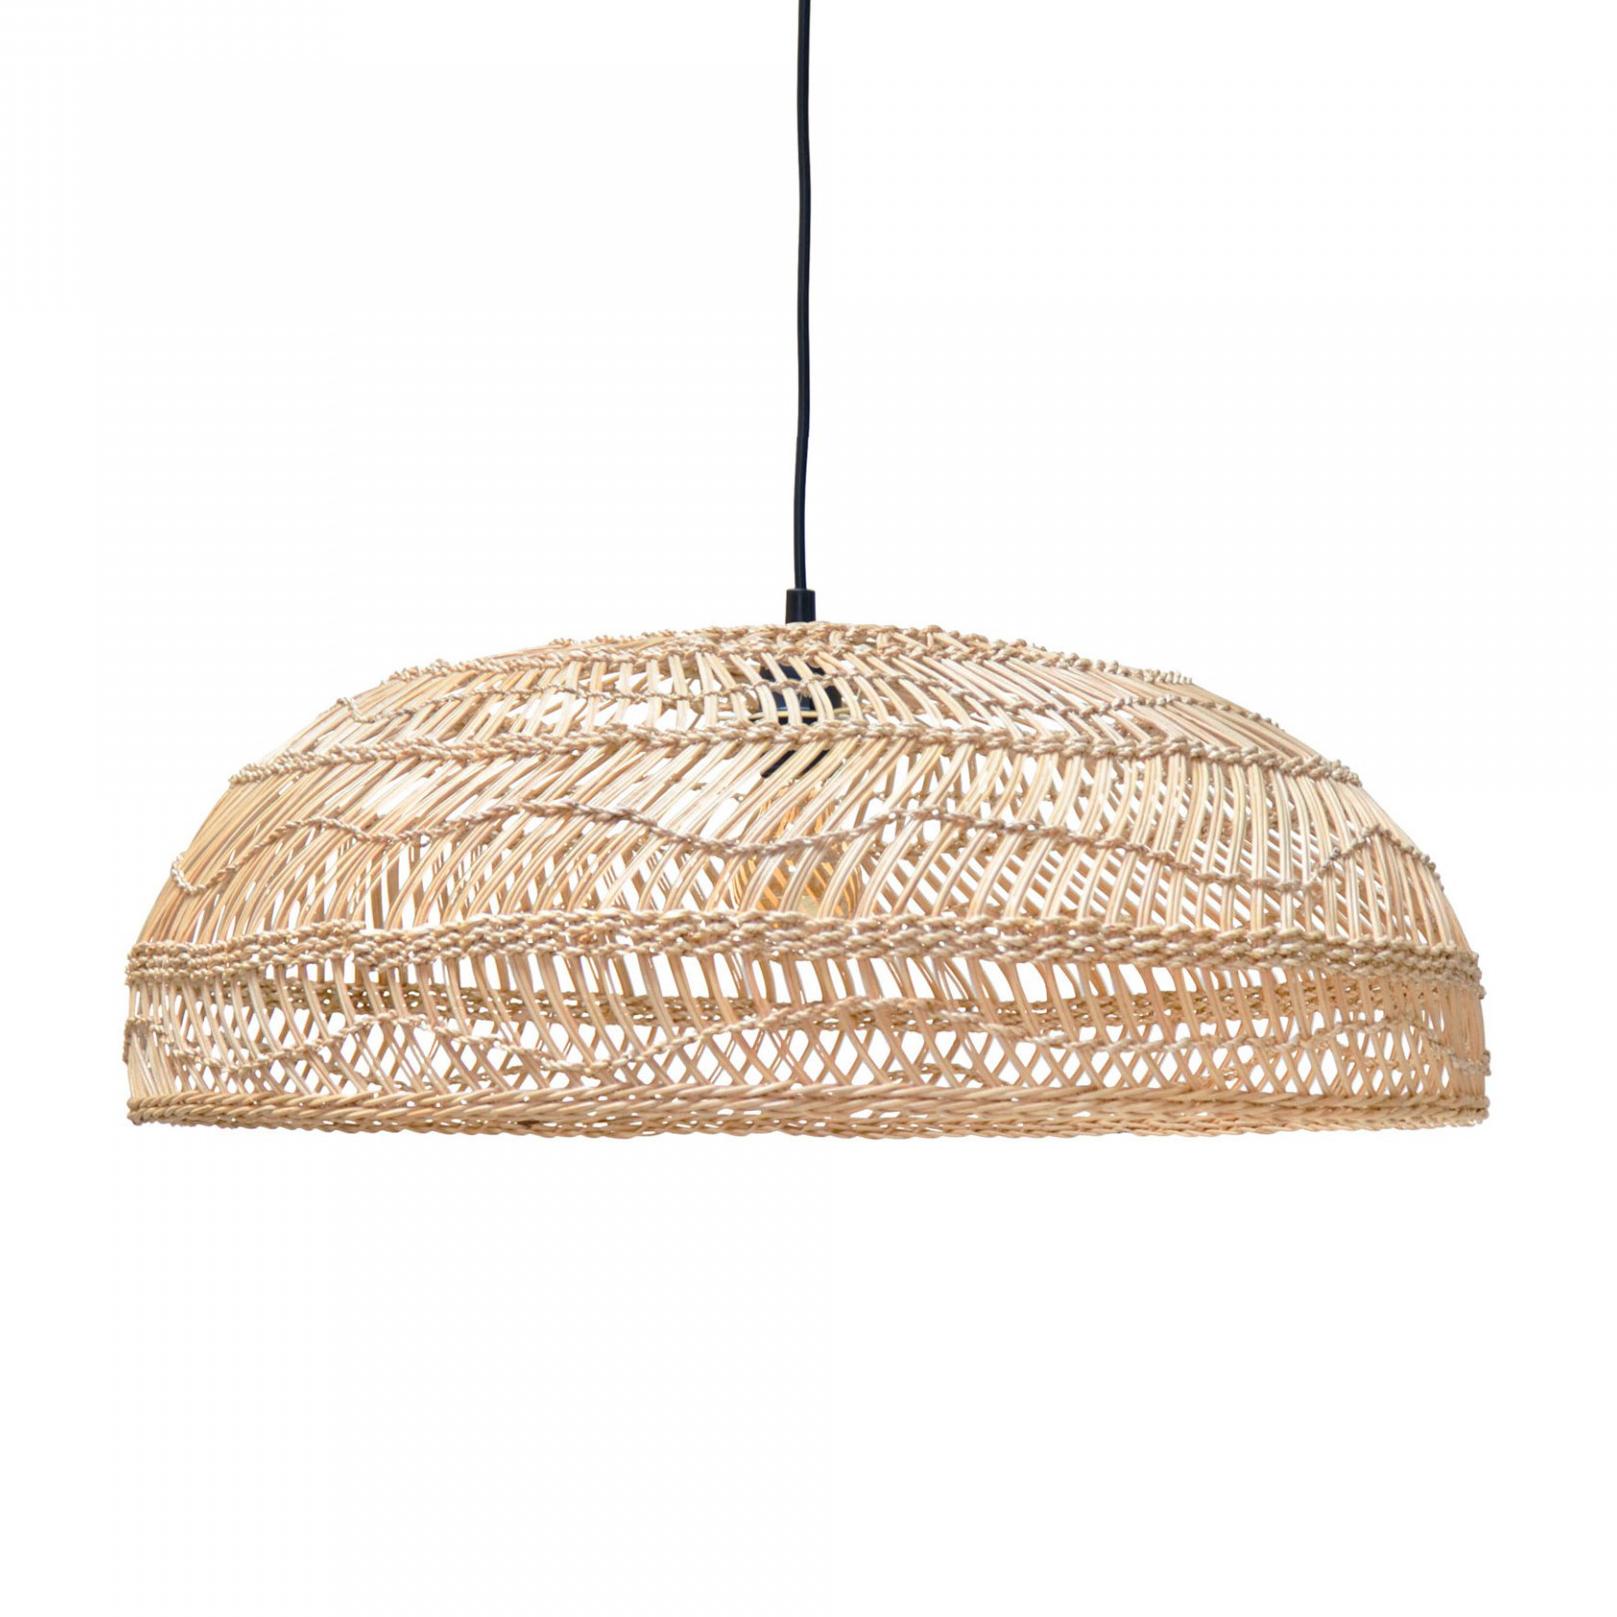 Candeeiro de tecto Baly, rattan natural, Ø60x20